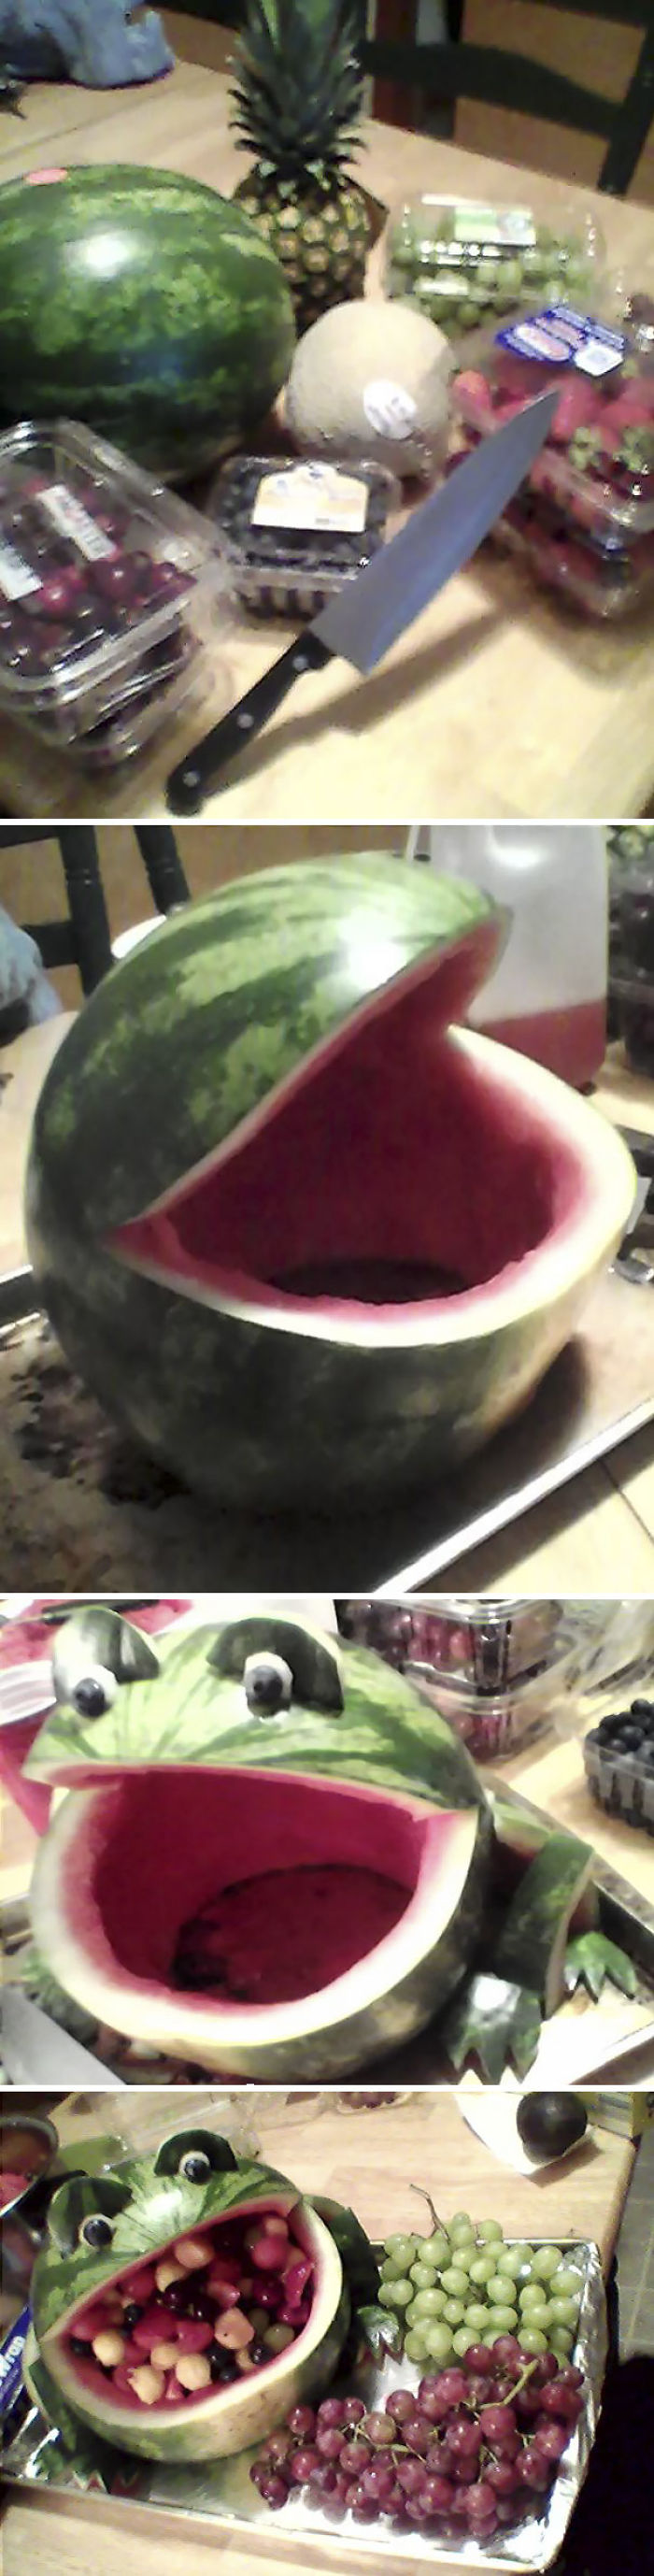 Mi abuela no me creía capaz de hacer una ensalada de fruta para la barbacoa